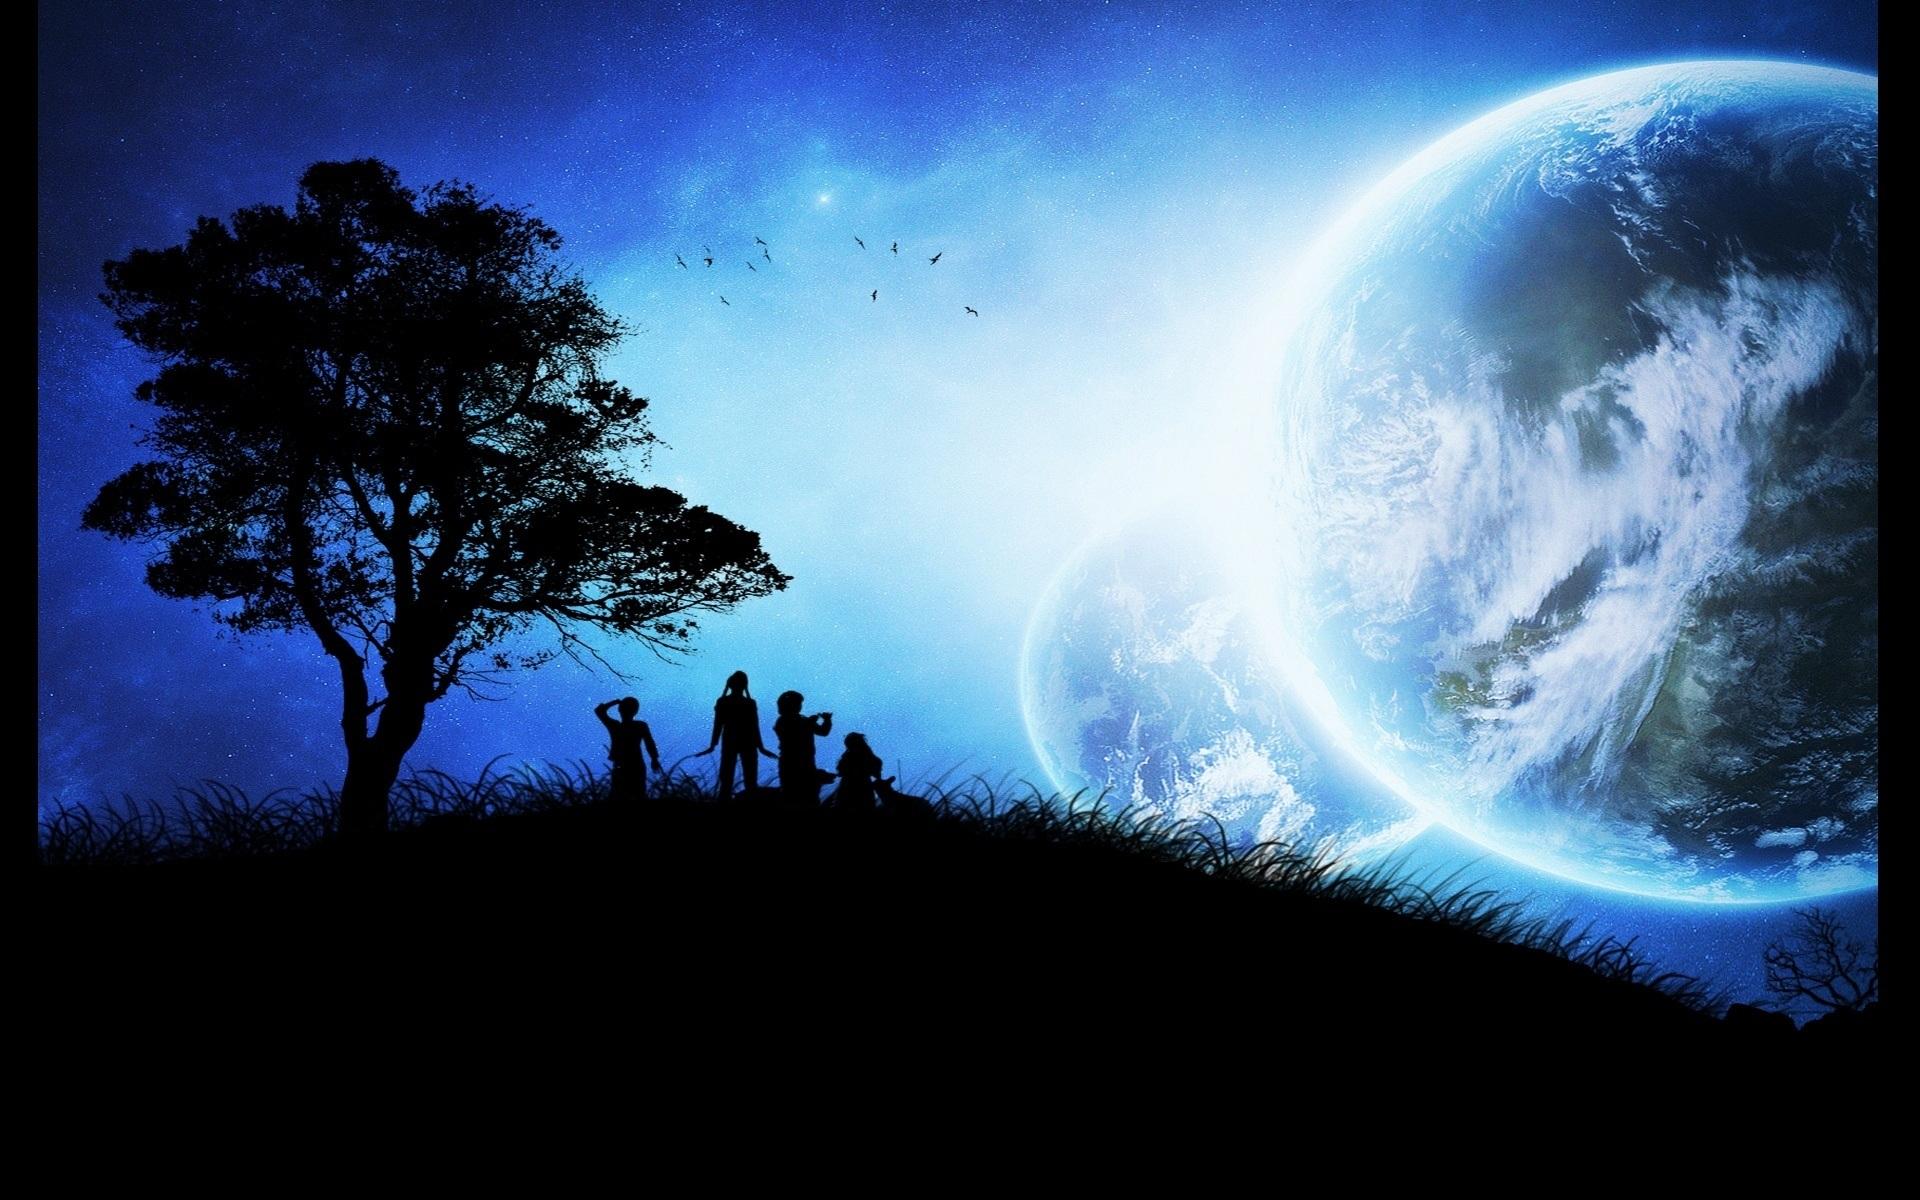 Картинка любит одну живет с другой планеты